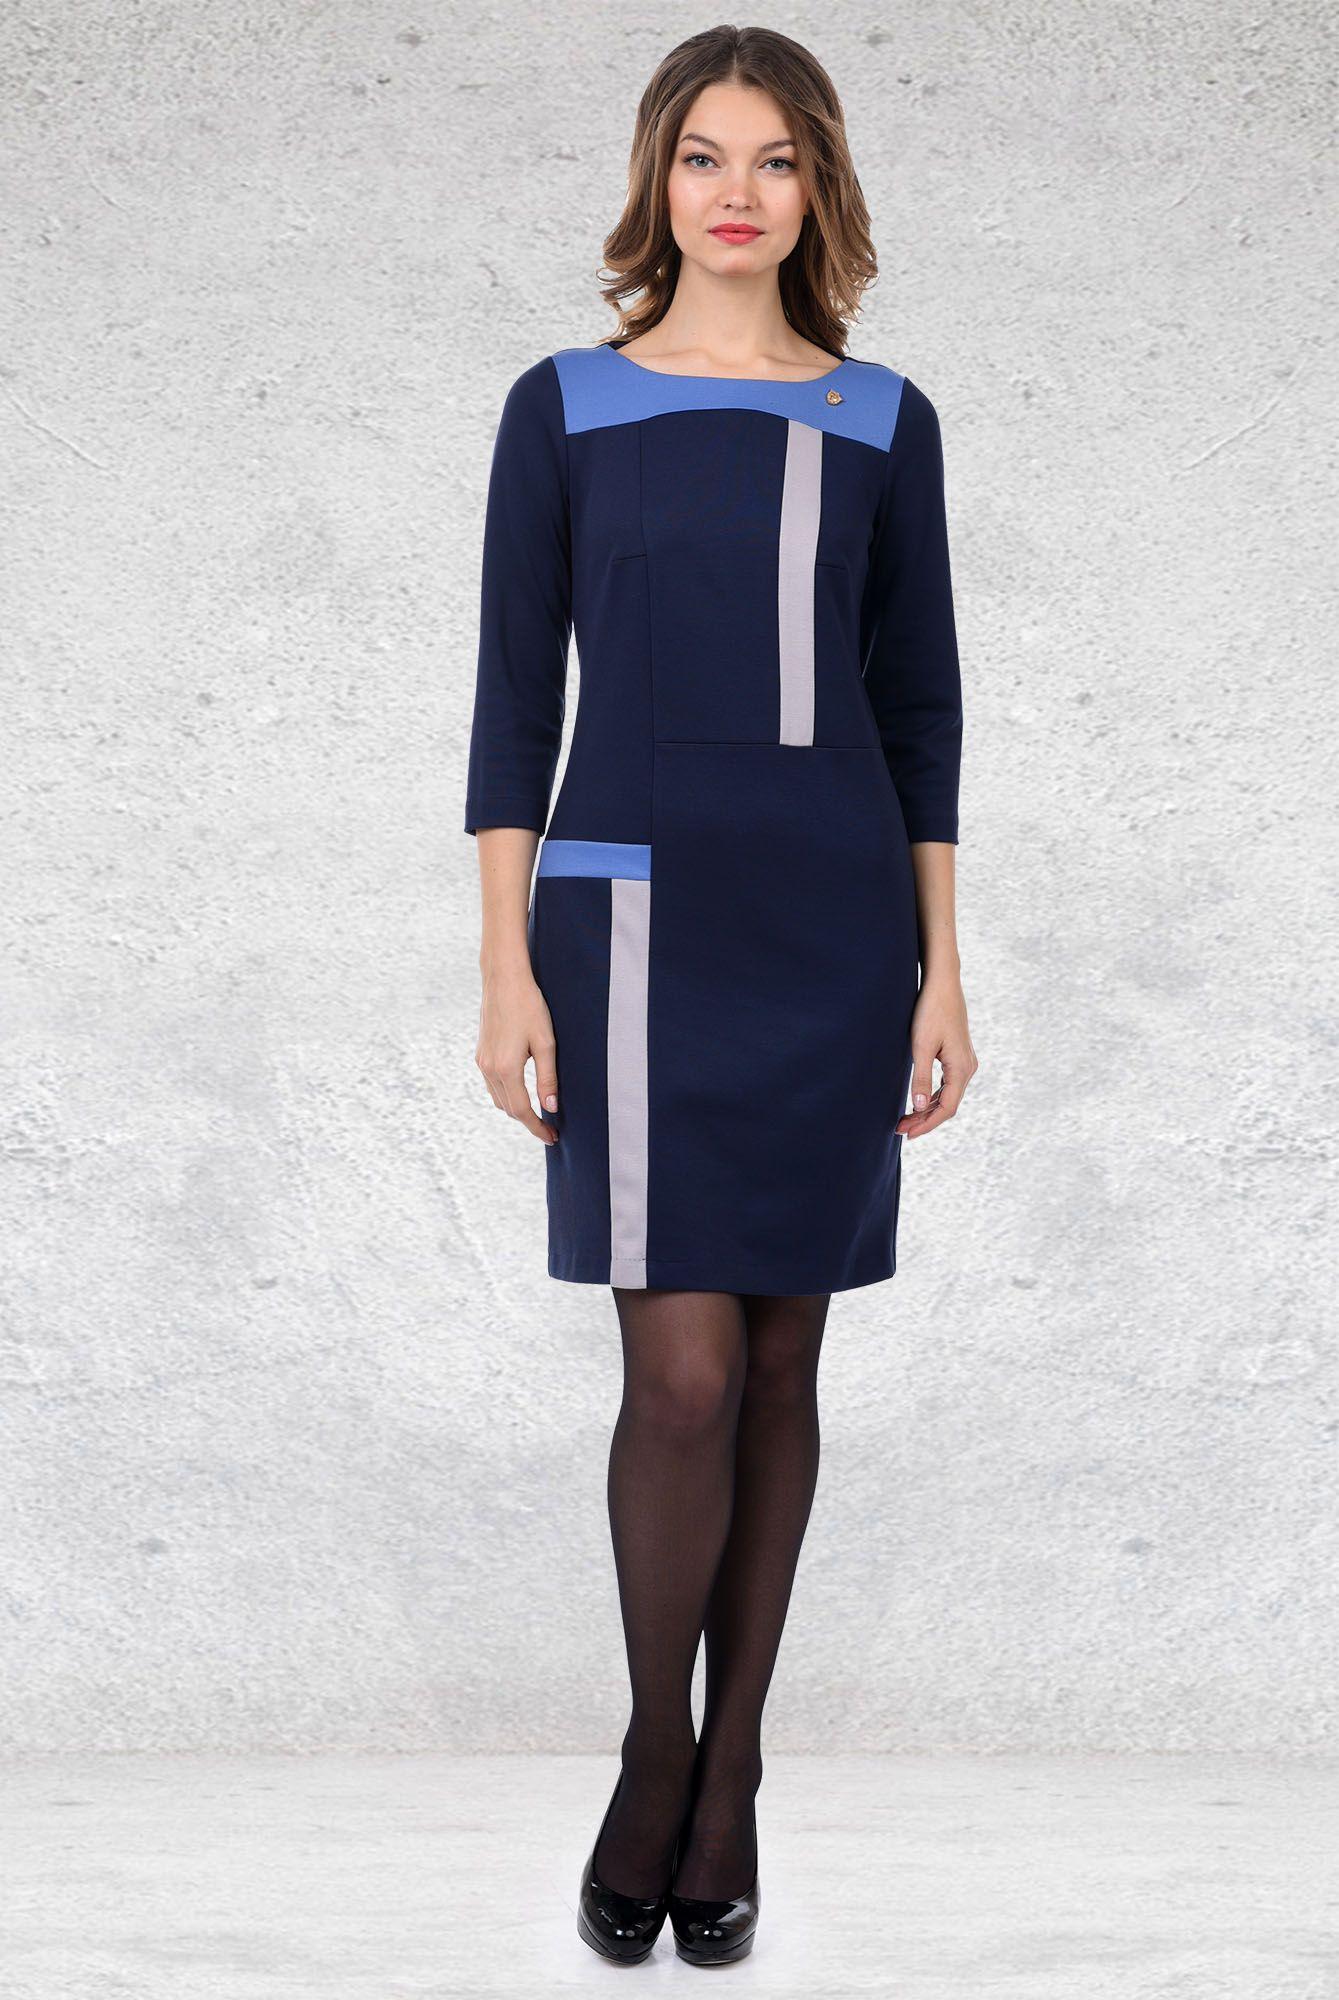 f6c5e7a1cb59 Женские платья оптом от производителя в Новосибирске — Mari-line ...